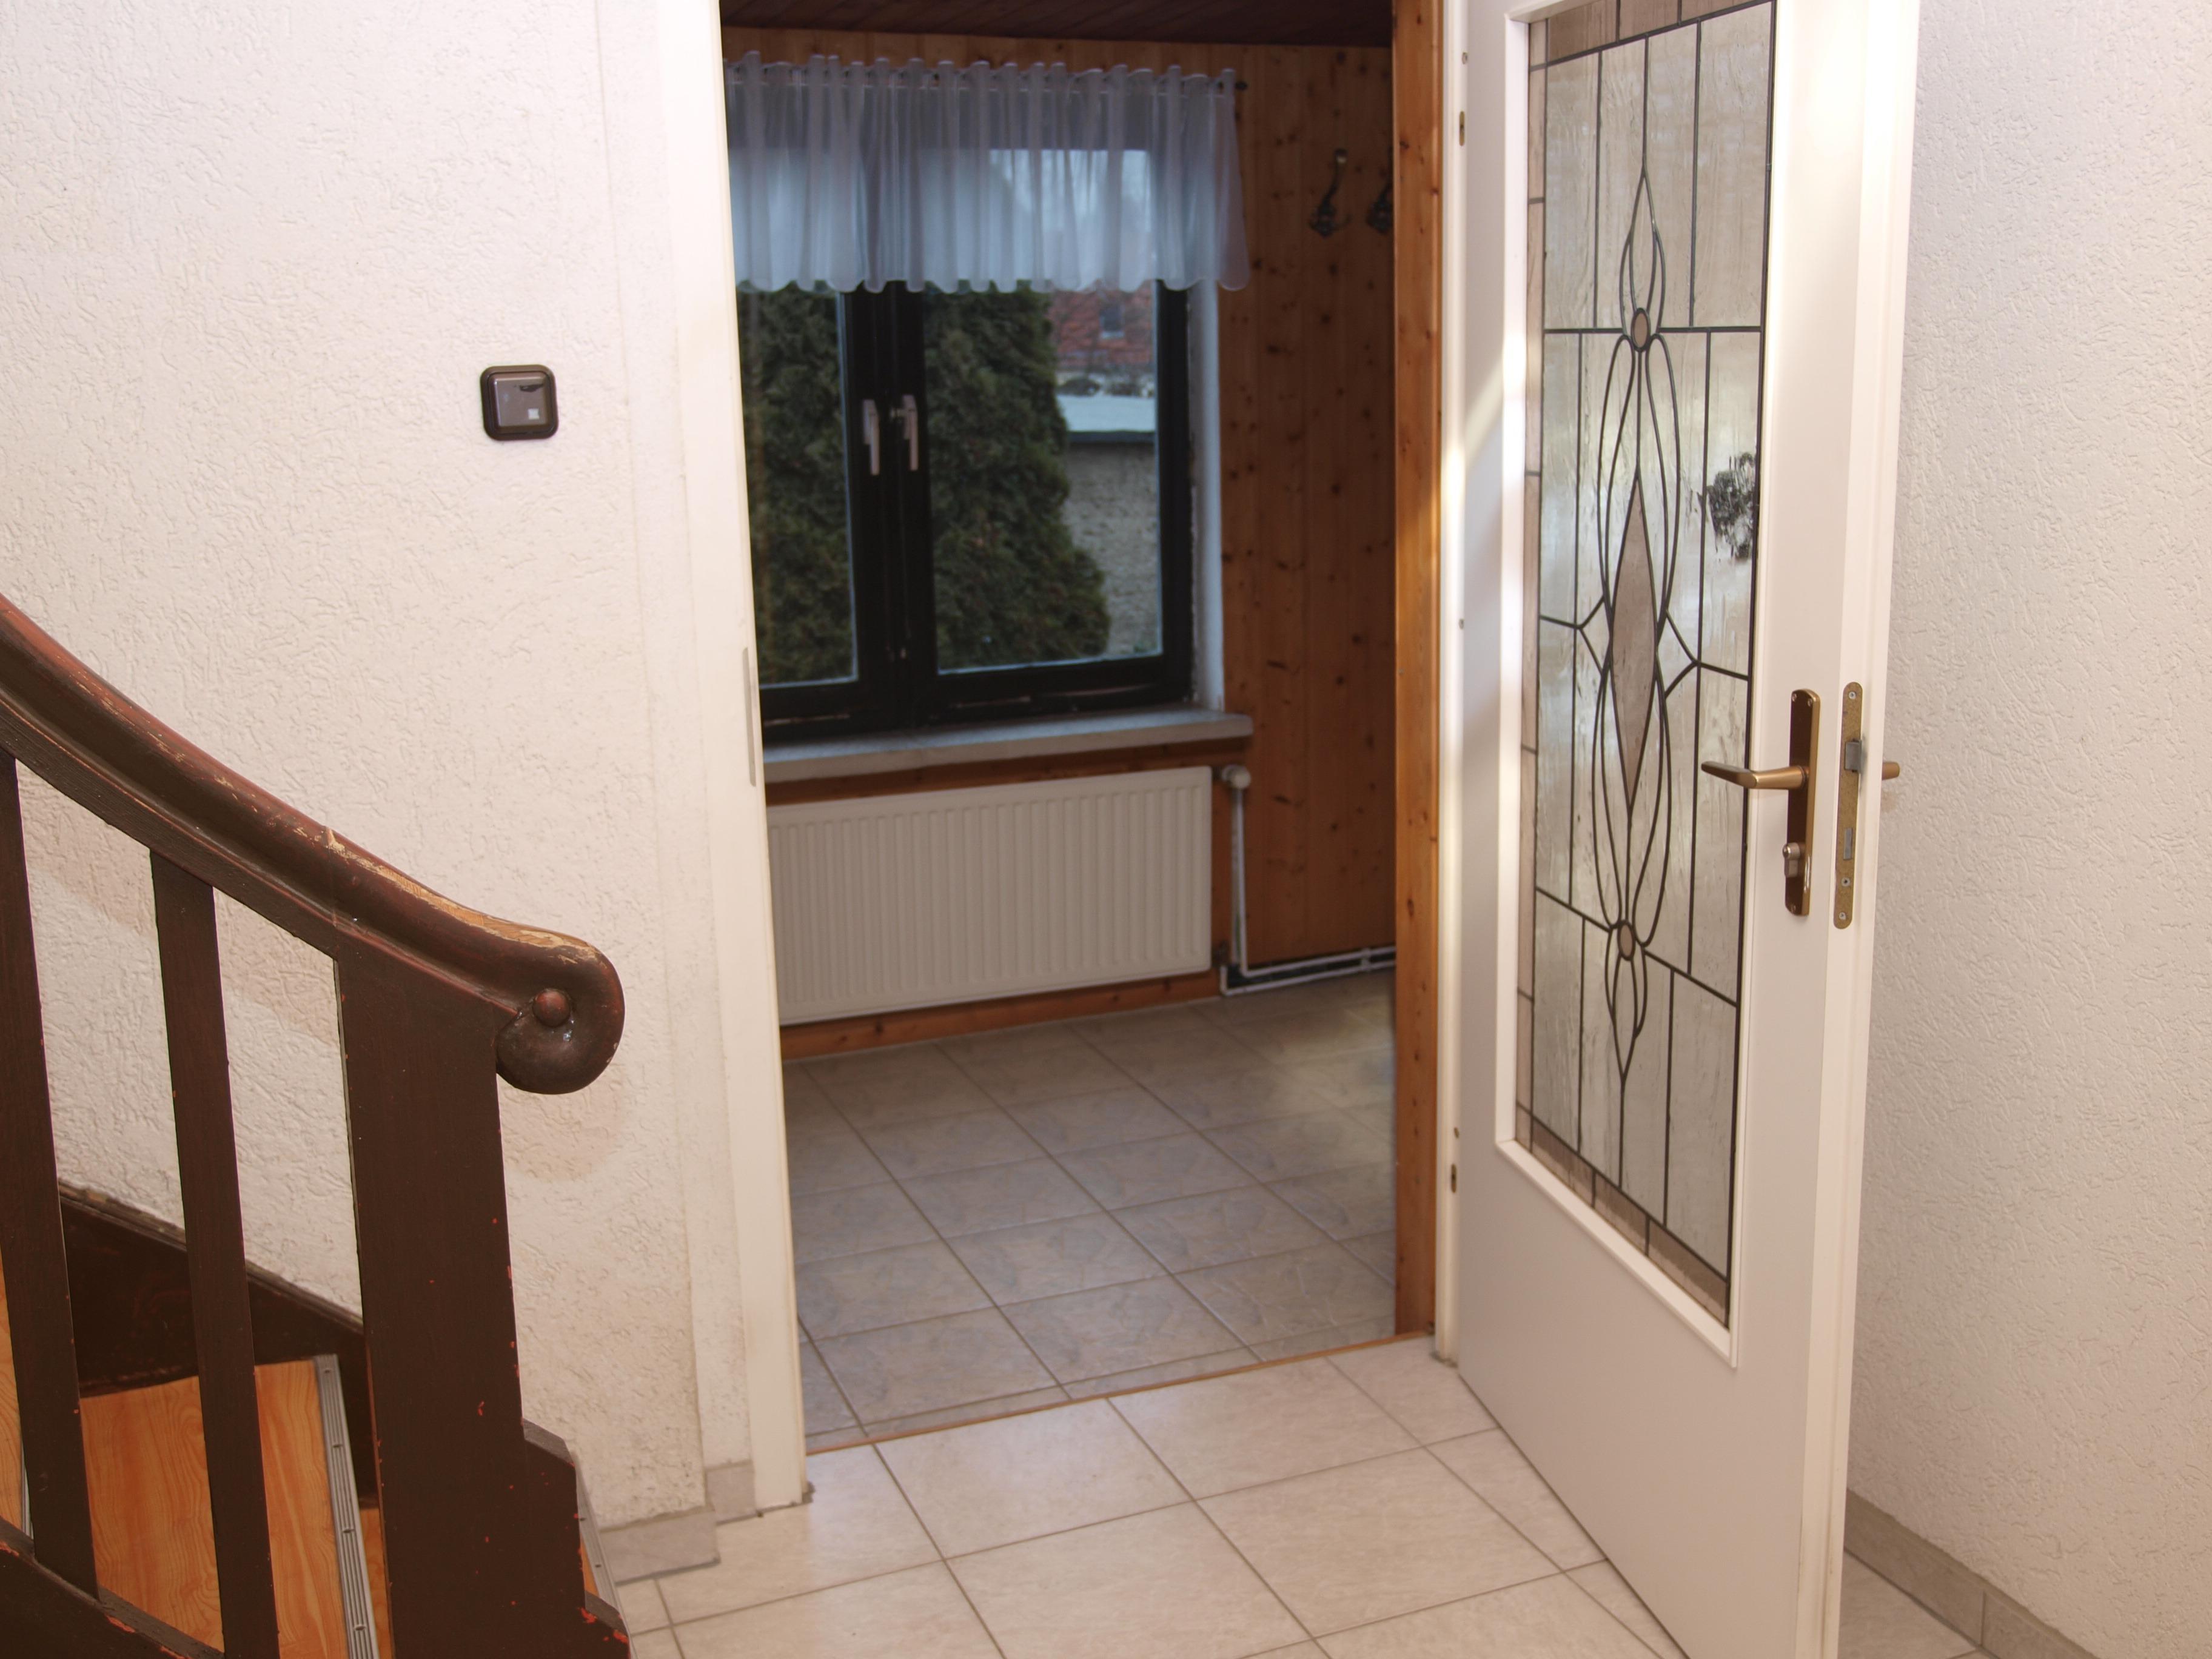 Einfamilienhaus Wörmlitz - heller freundlicher Eingangsbereich